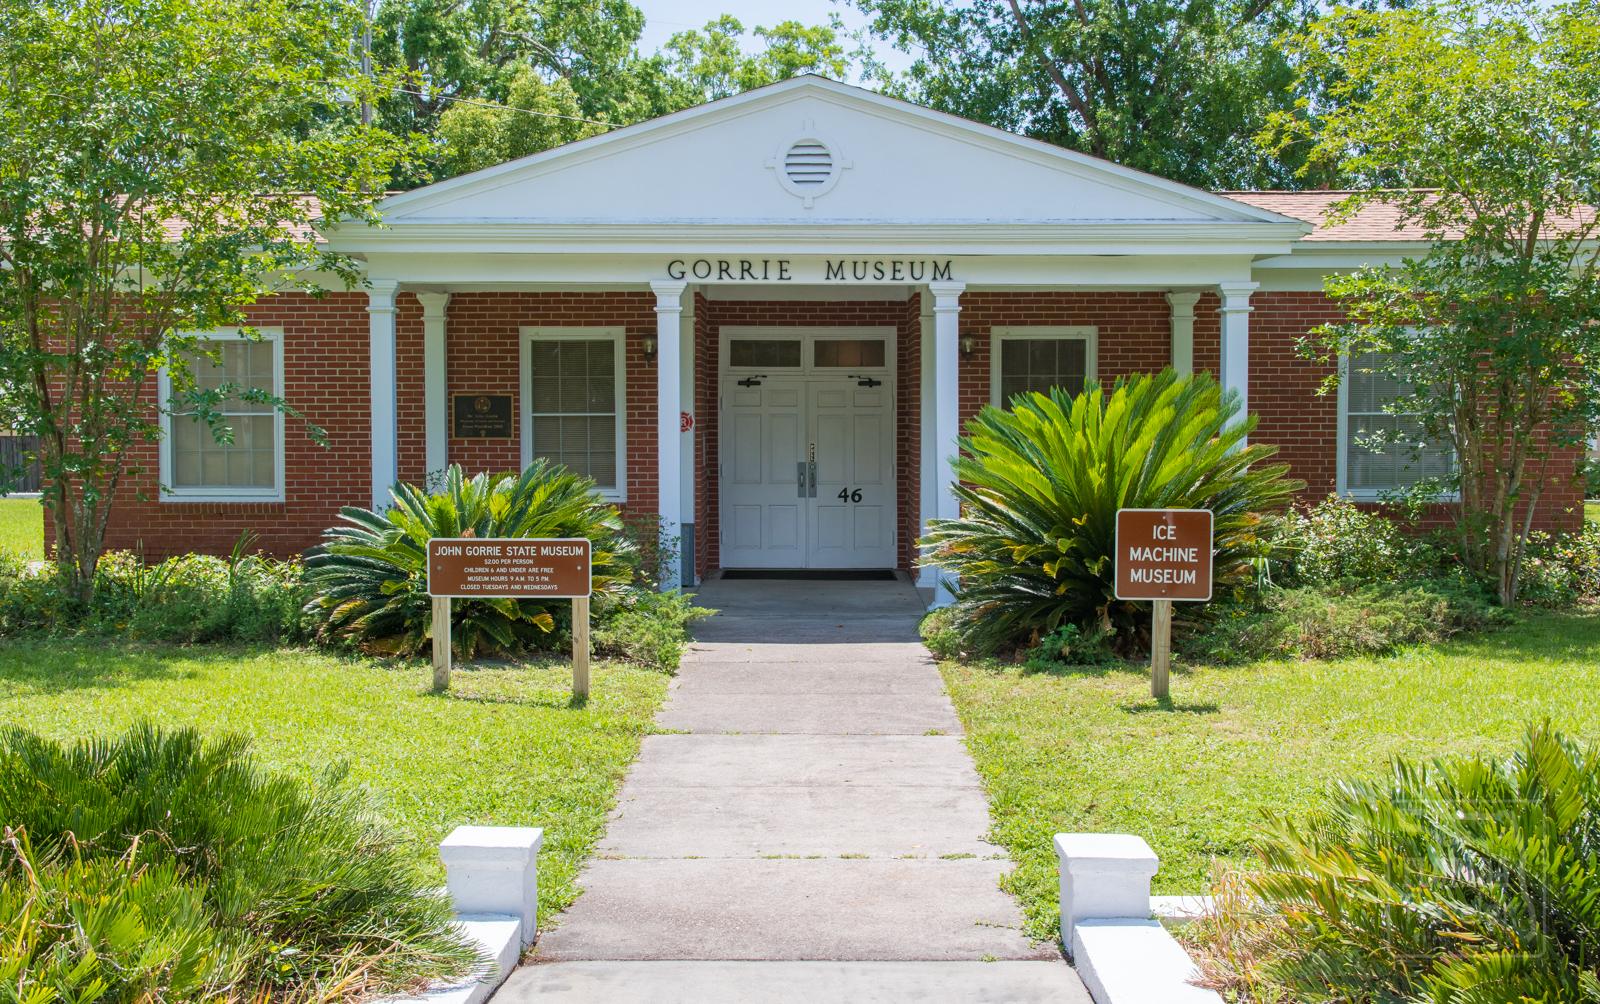 The John Gorrie Museum State Park.